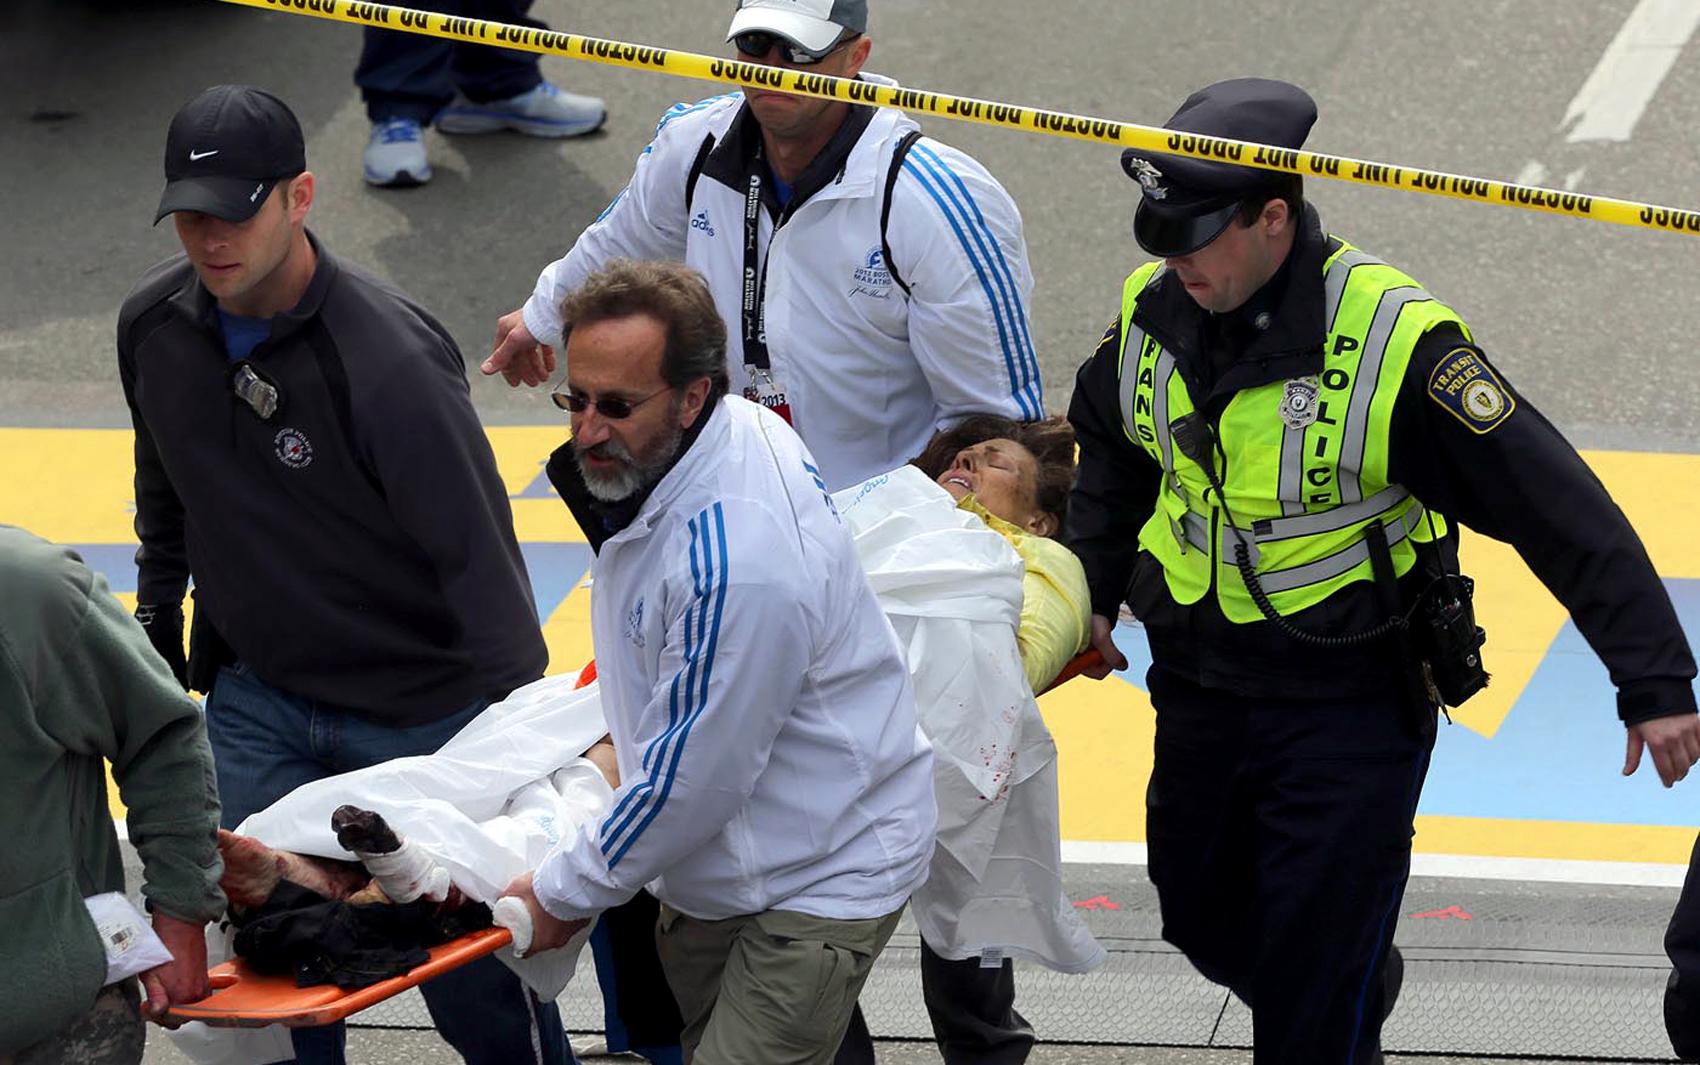 Mulher ferida em explosão recebe atendimento médico em Boston.